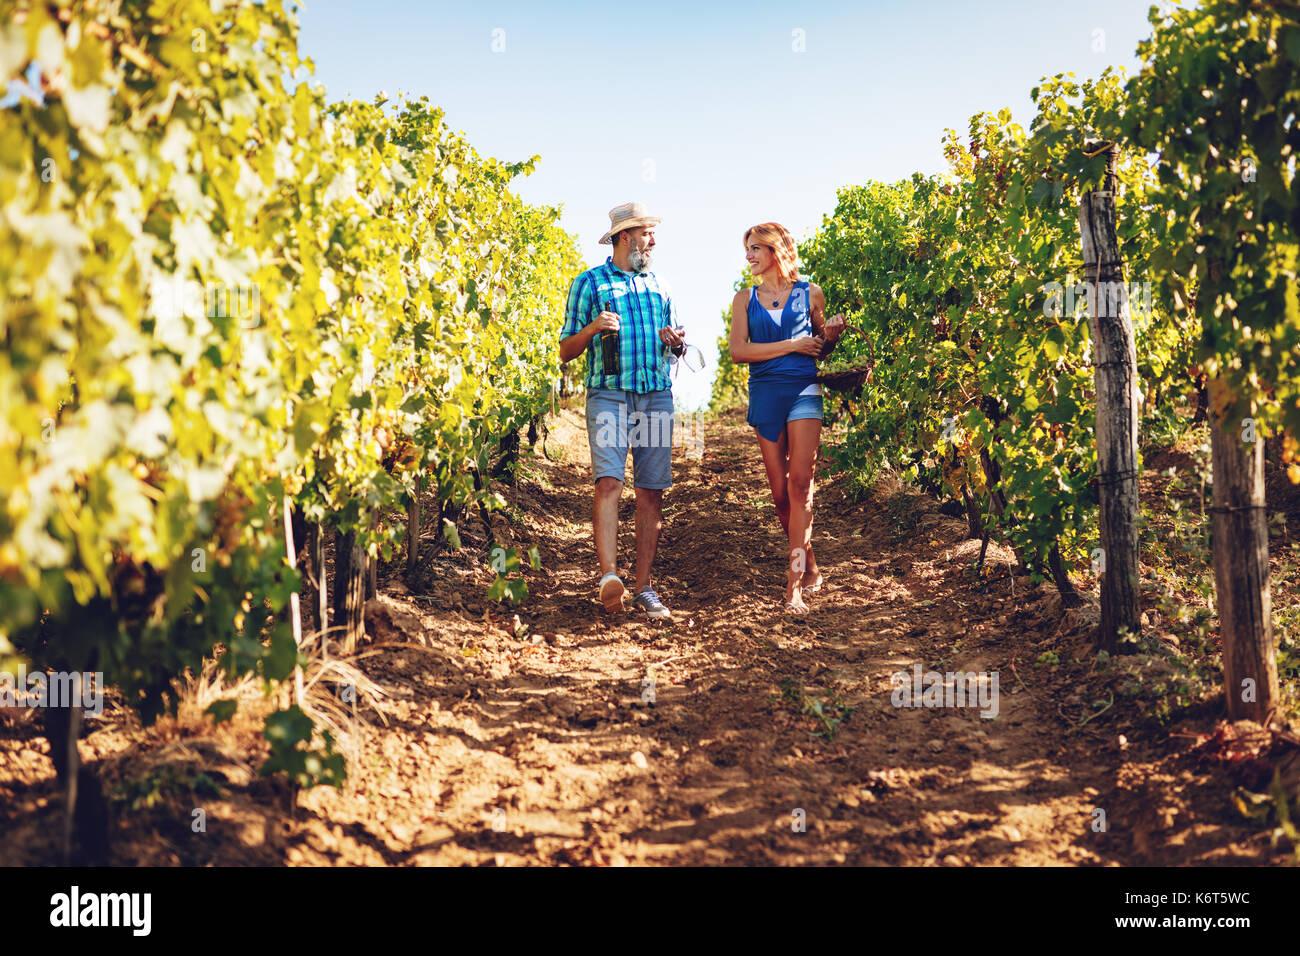 Schöne lächelndes Paar gehen durch einen Weinberg und Weinproben. Stockbild